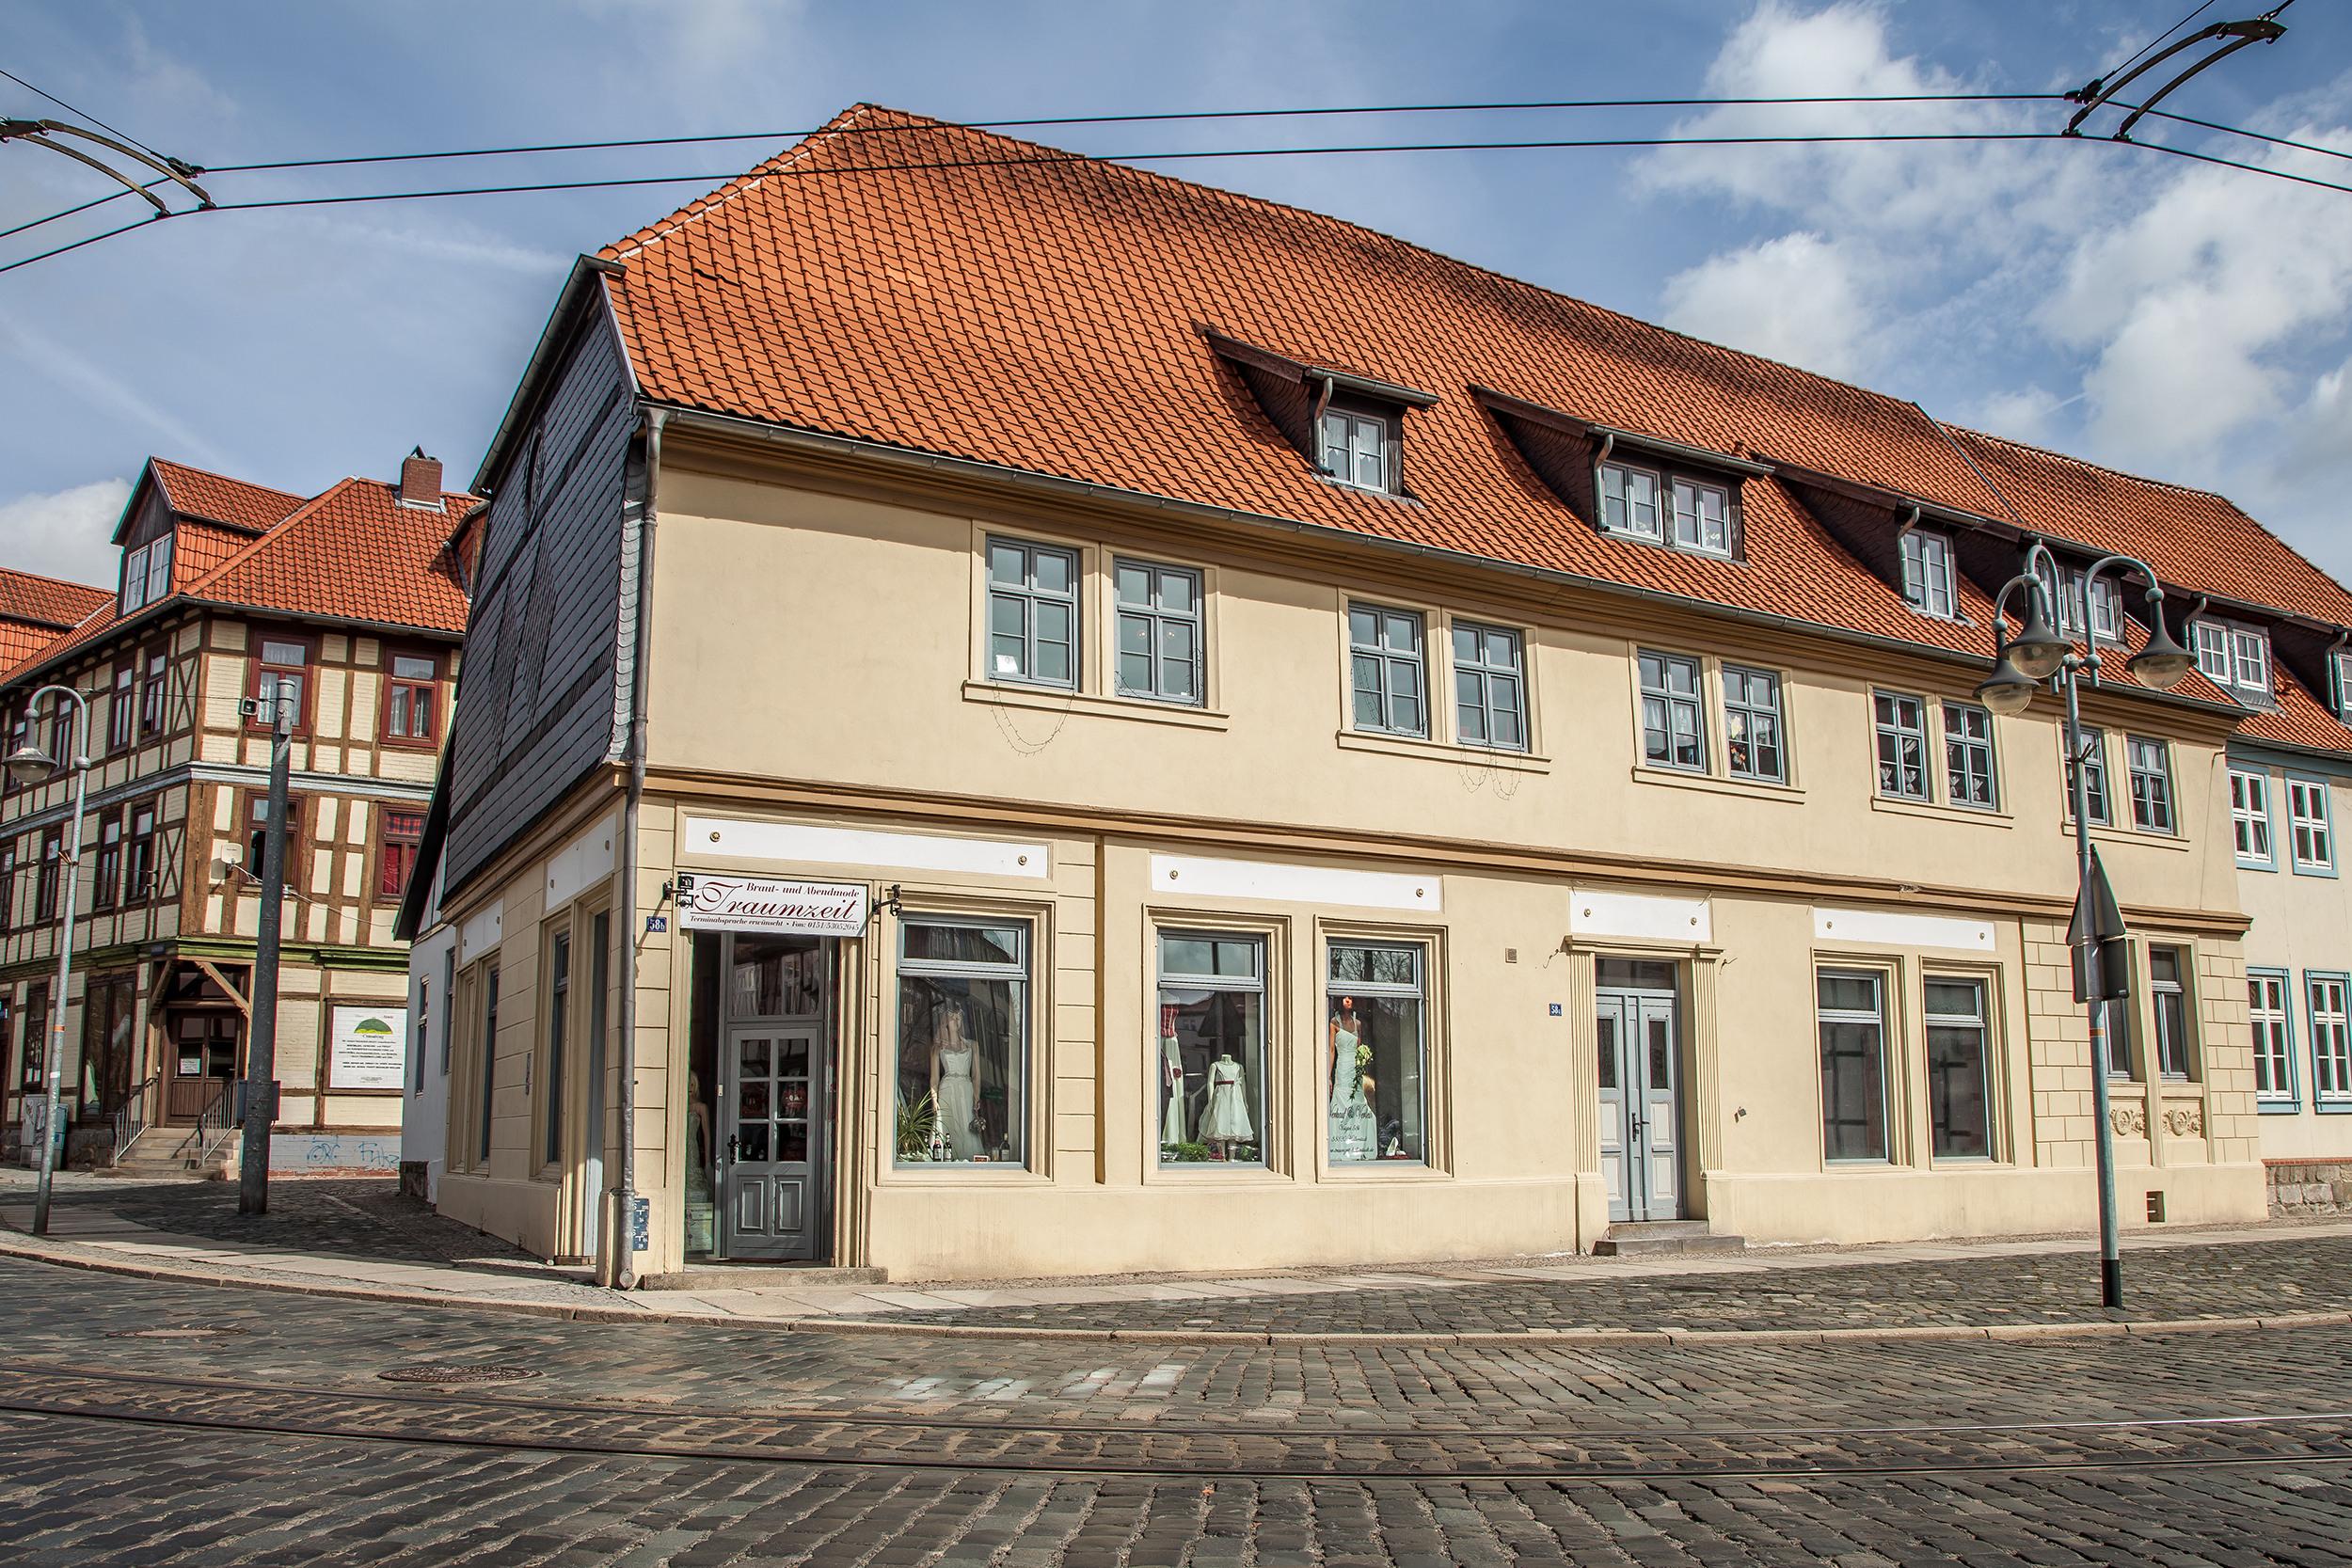 10 Wunderbar Abendkleider Quedlinburg Galerie10 Einfach Abendkleider Quedlinburg Galerie